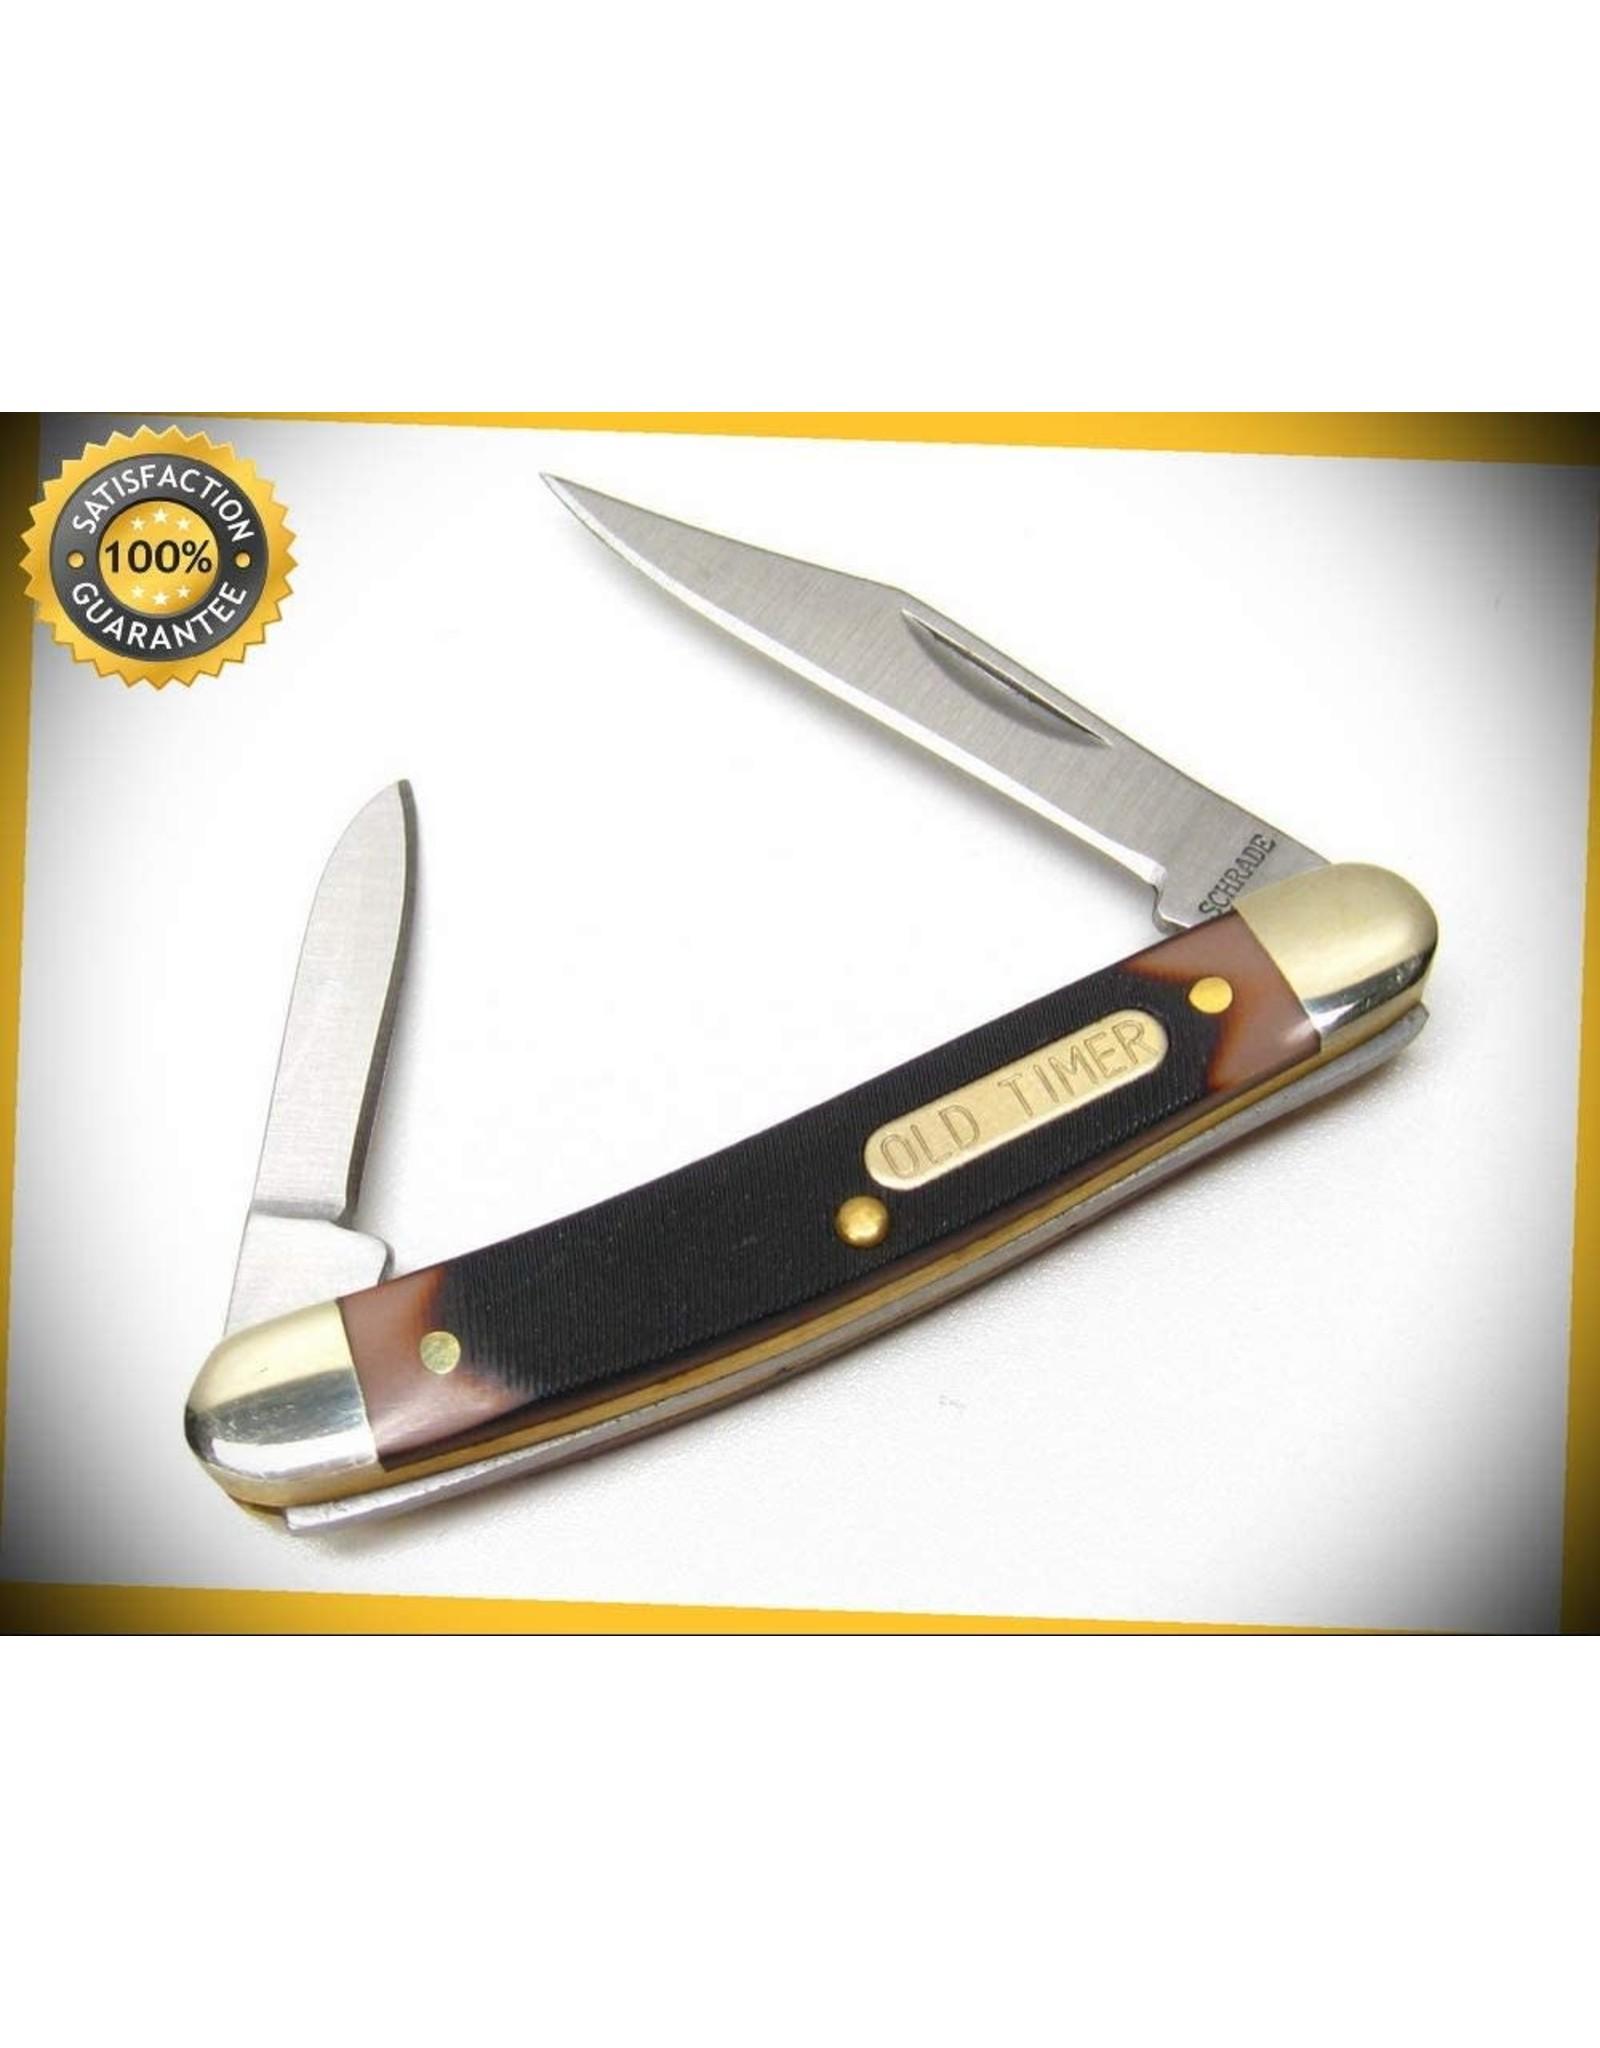 Old Timer Minutemen 2 Blade Pocketknife